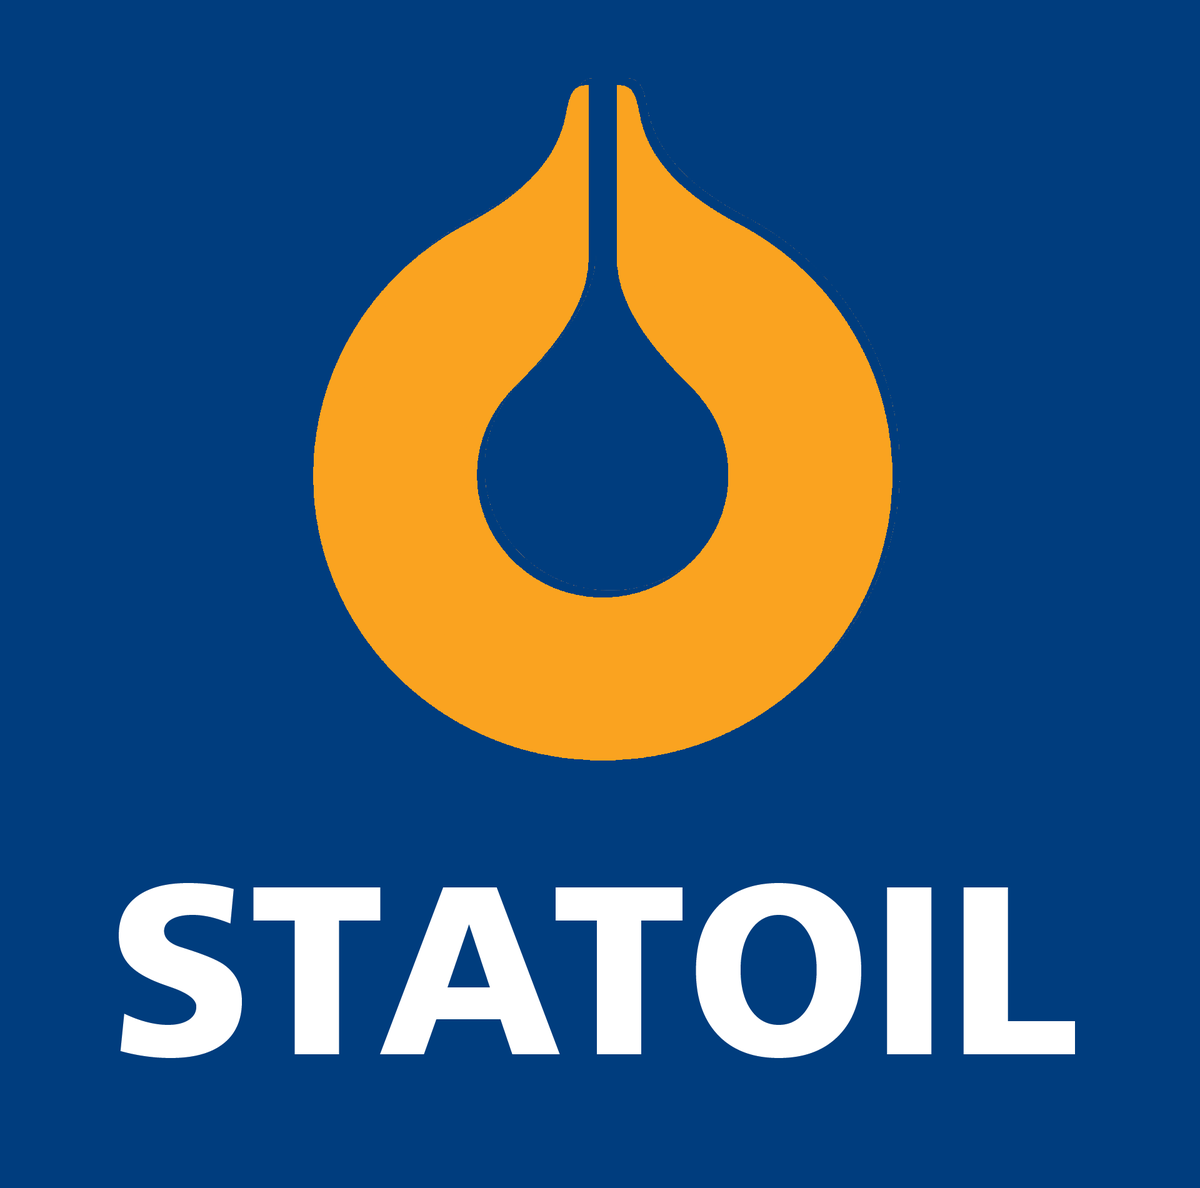 Нефтяная топливная компания русь официальный сайт скрипт для топ сайтов музыка